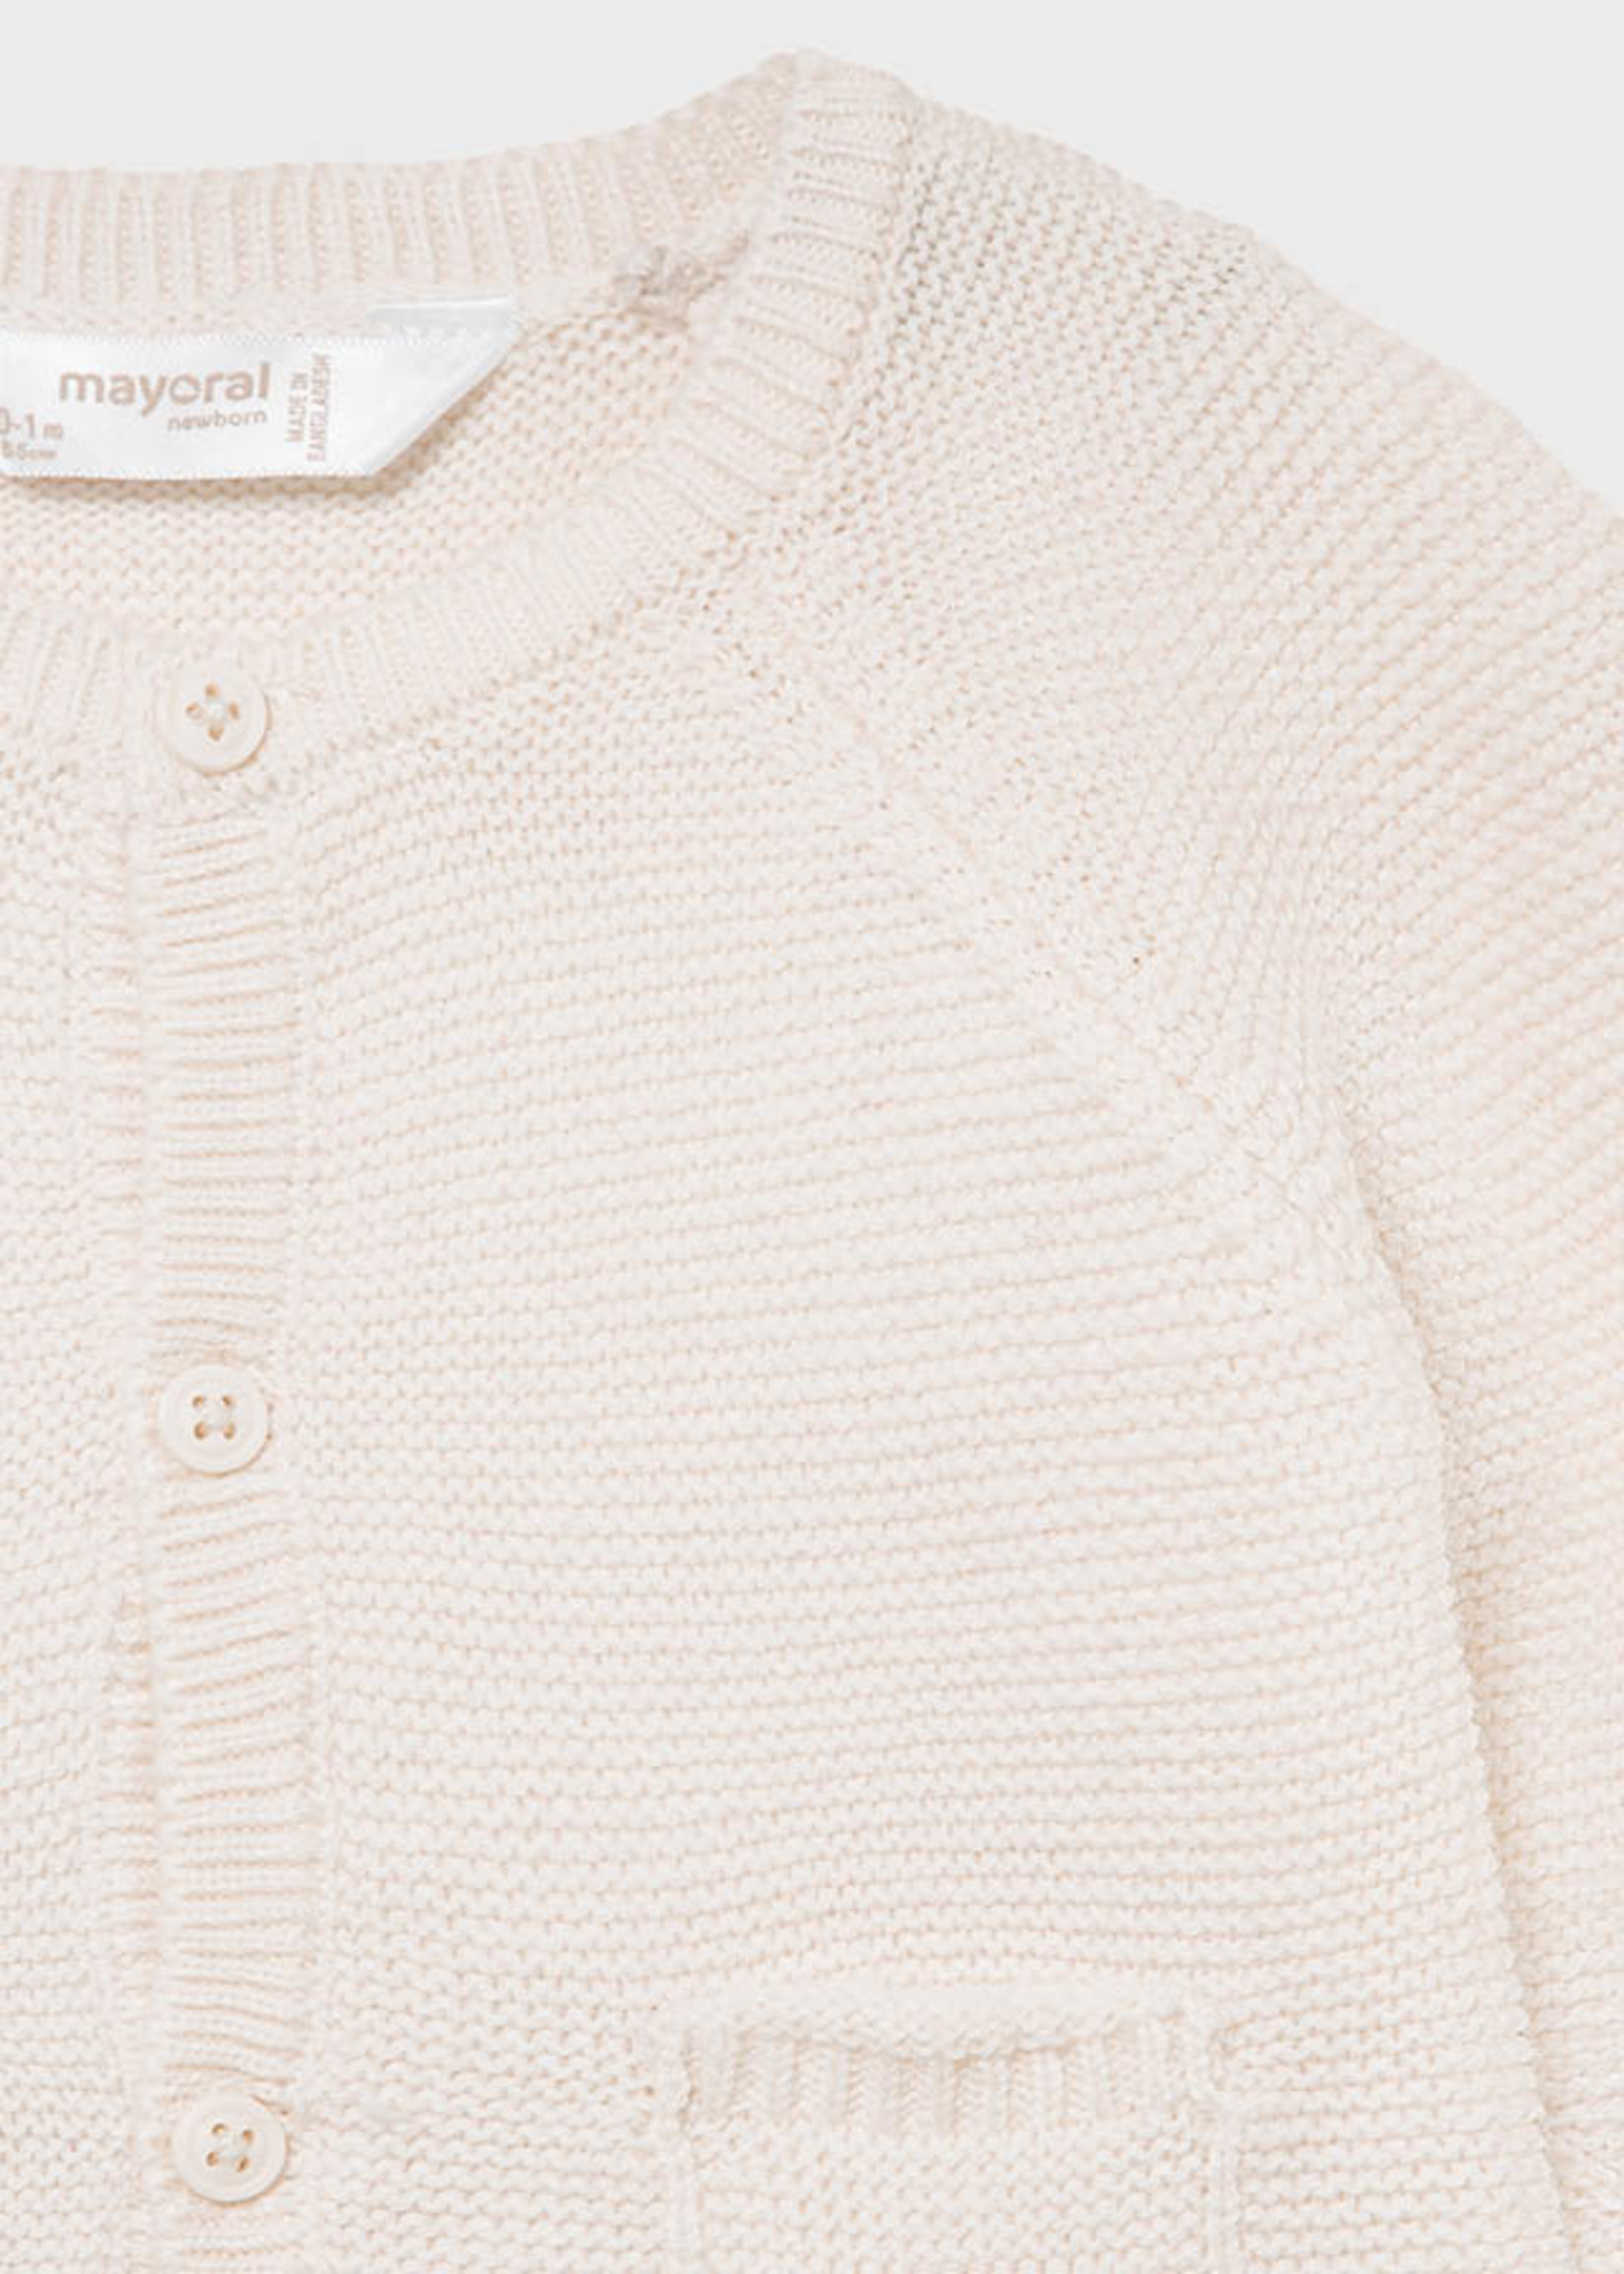 Mayoral Mayoral knit cardigan natural